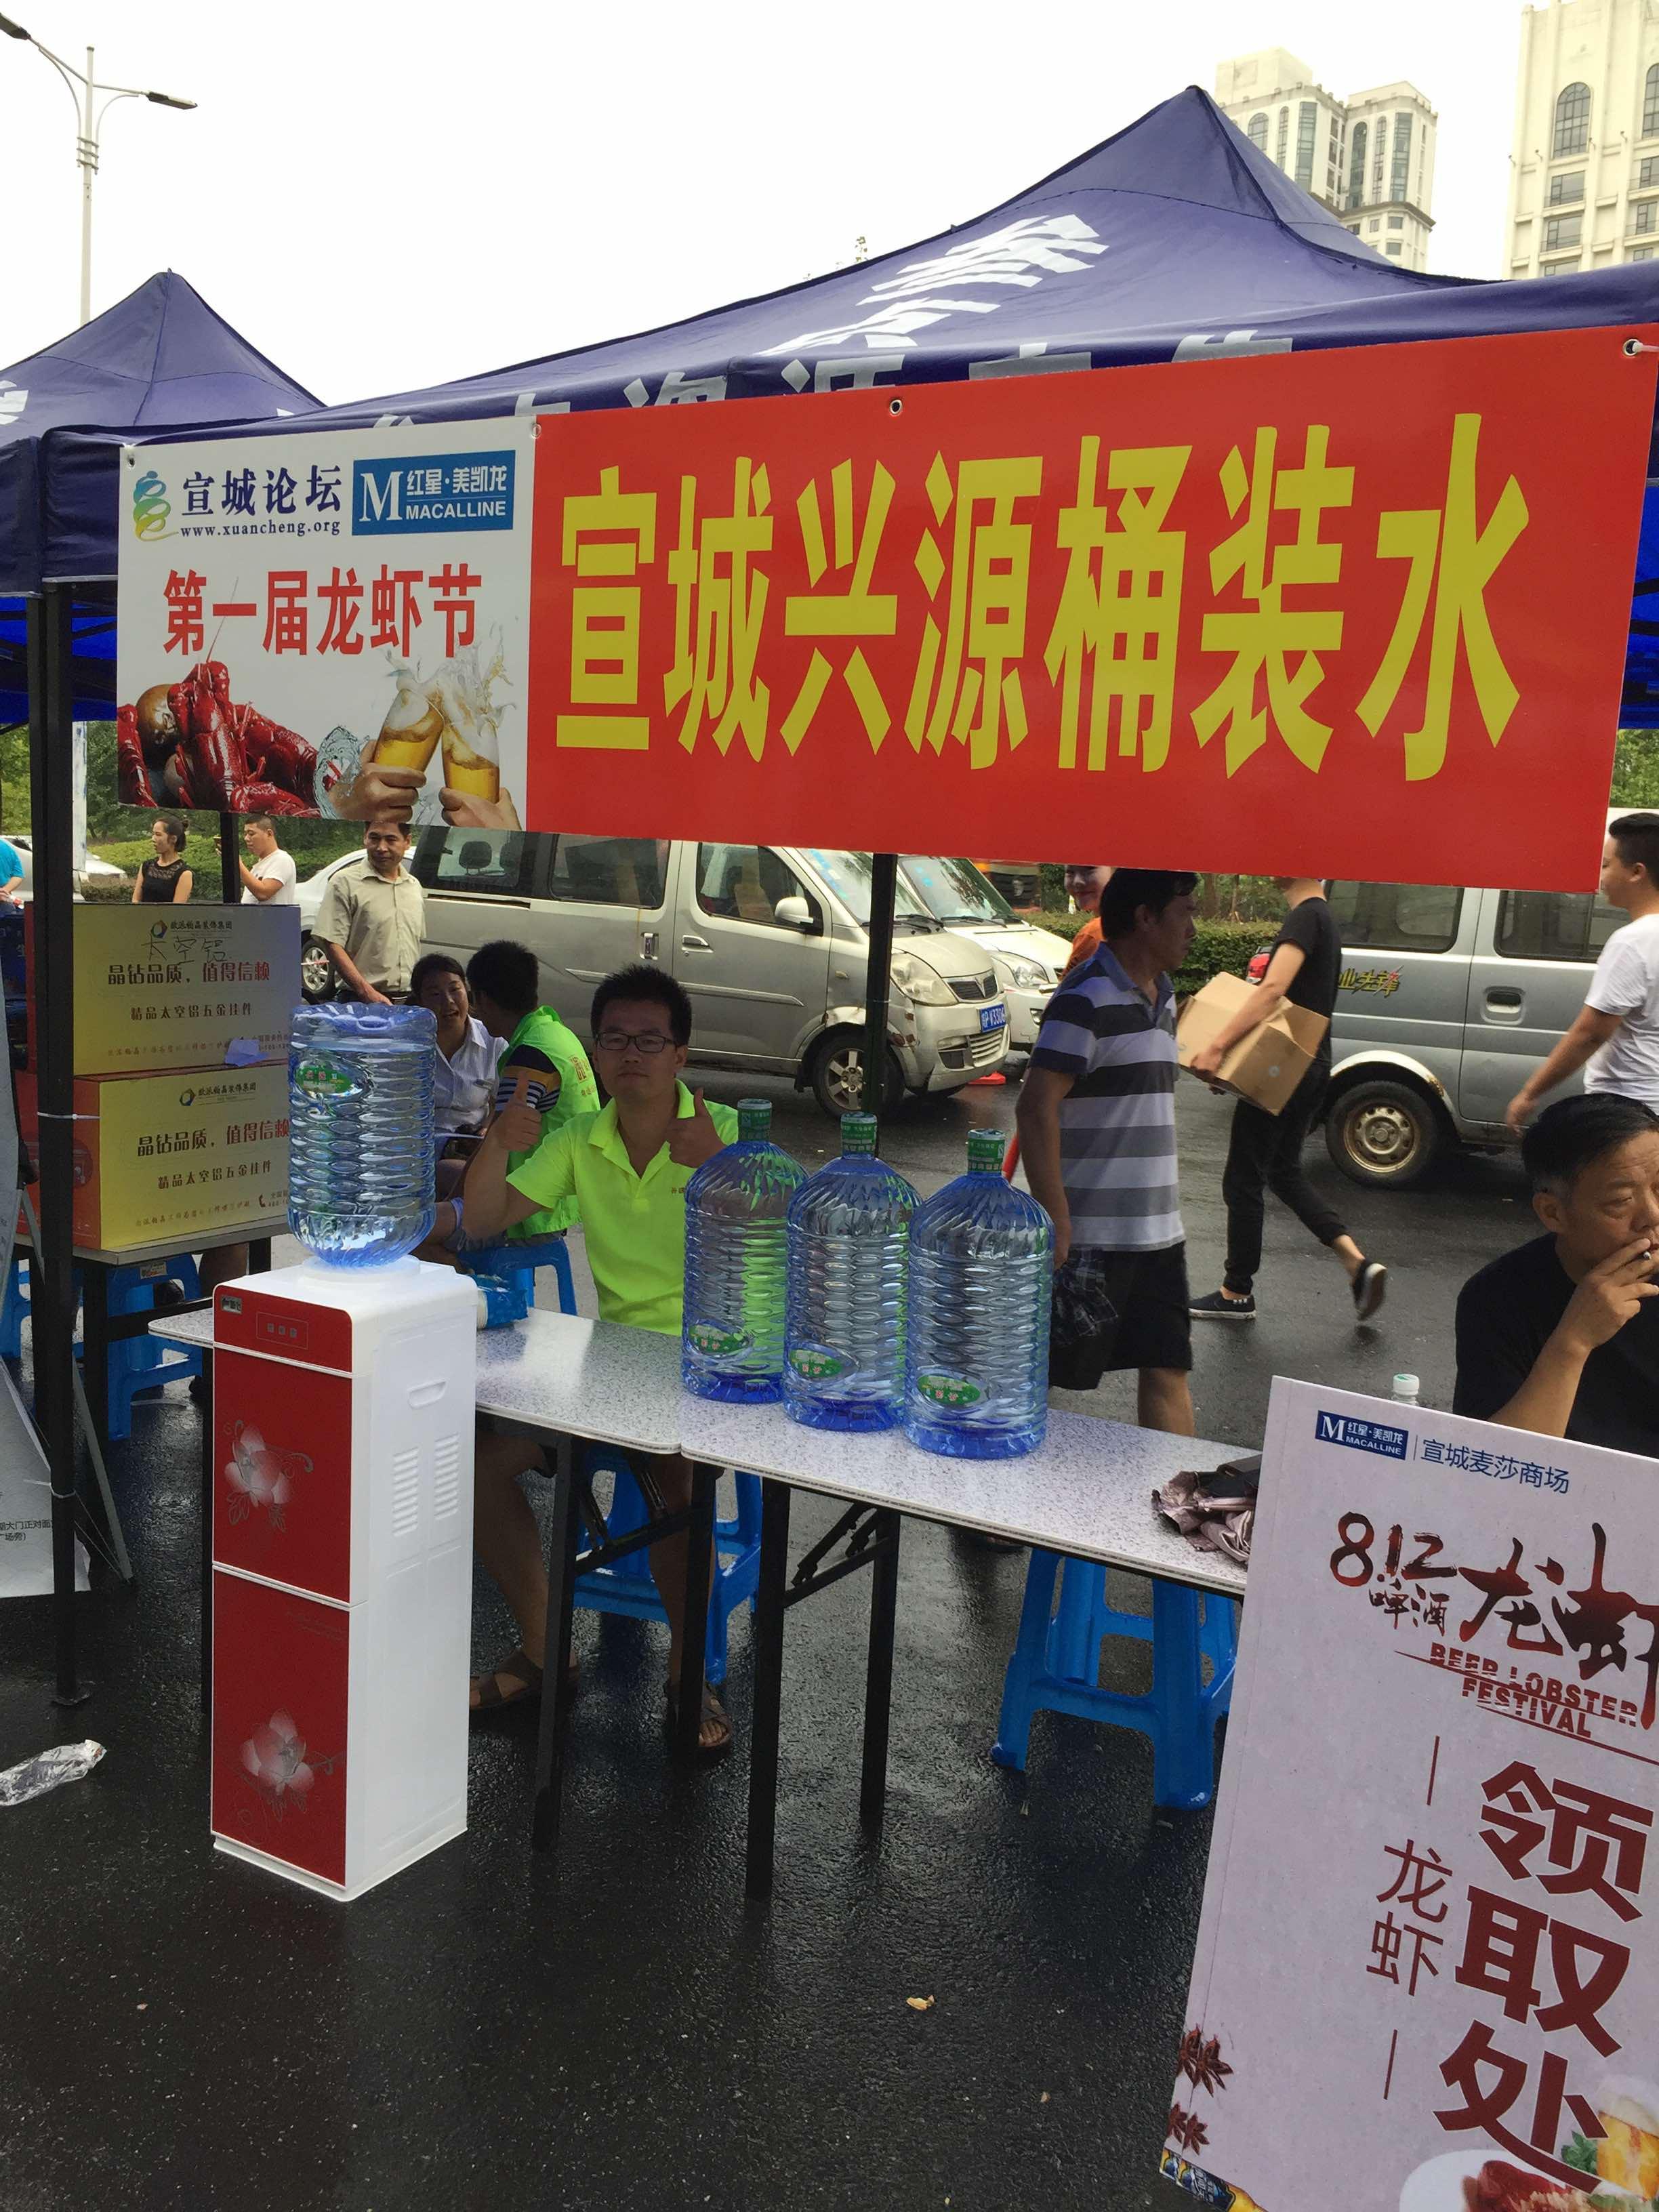 興源桶裝水和宣城論壇合作